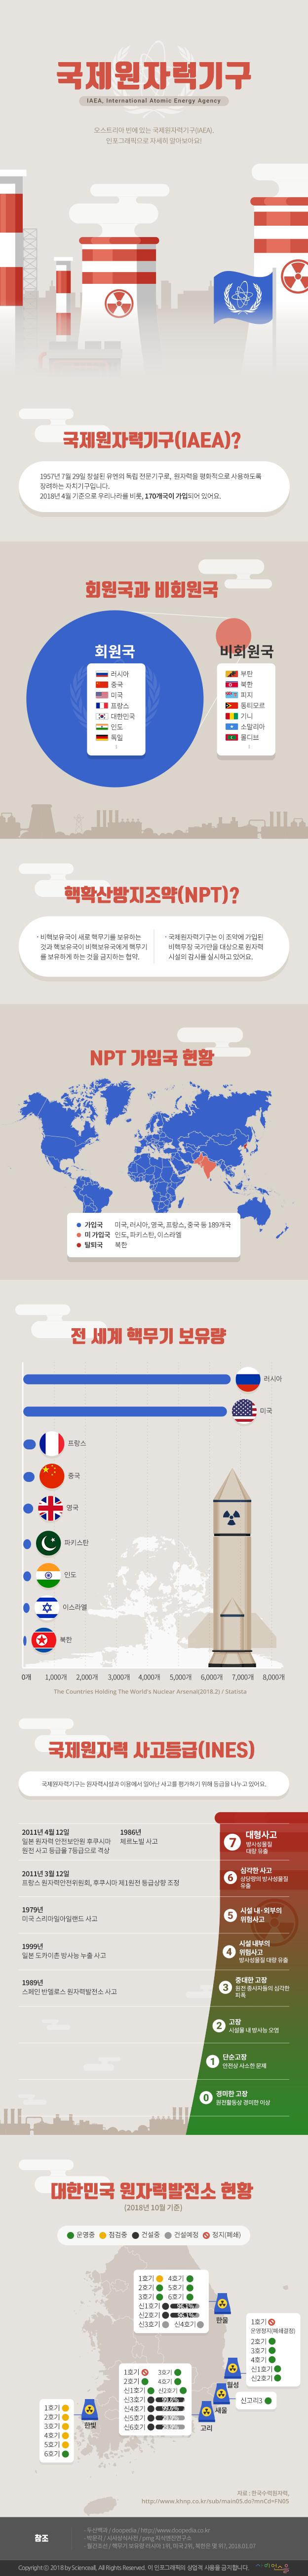 infographic_47호-web(181025)